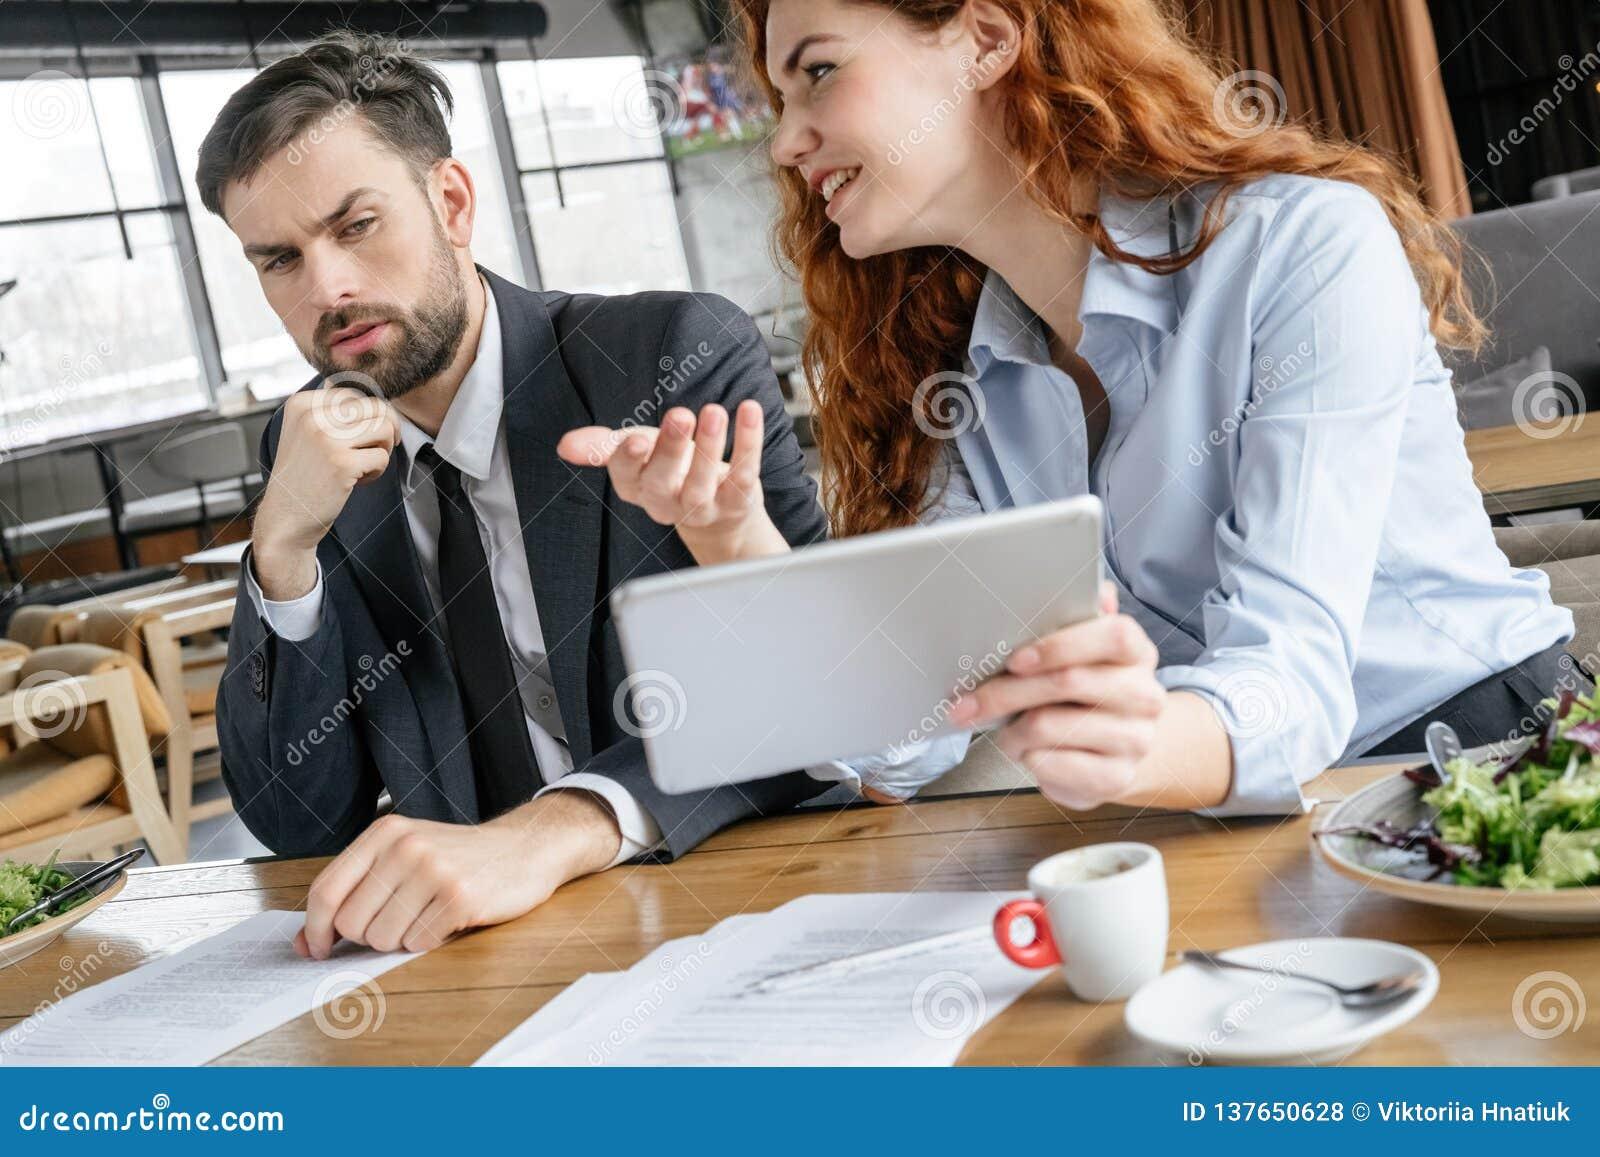 Предприниматели имея бизнес-ланч на идее показа женщины ресторана сидя на цифровом планшете пока смотреть человека